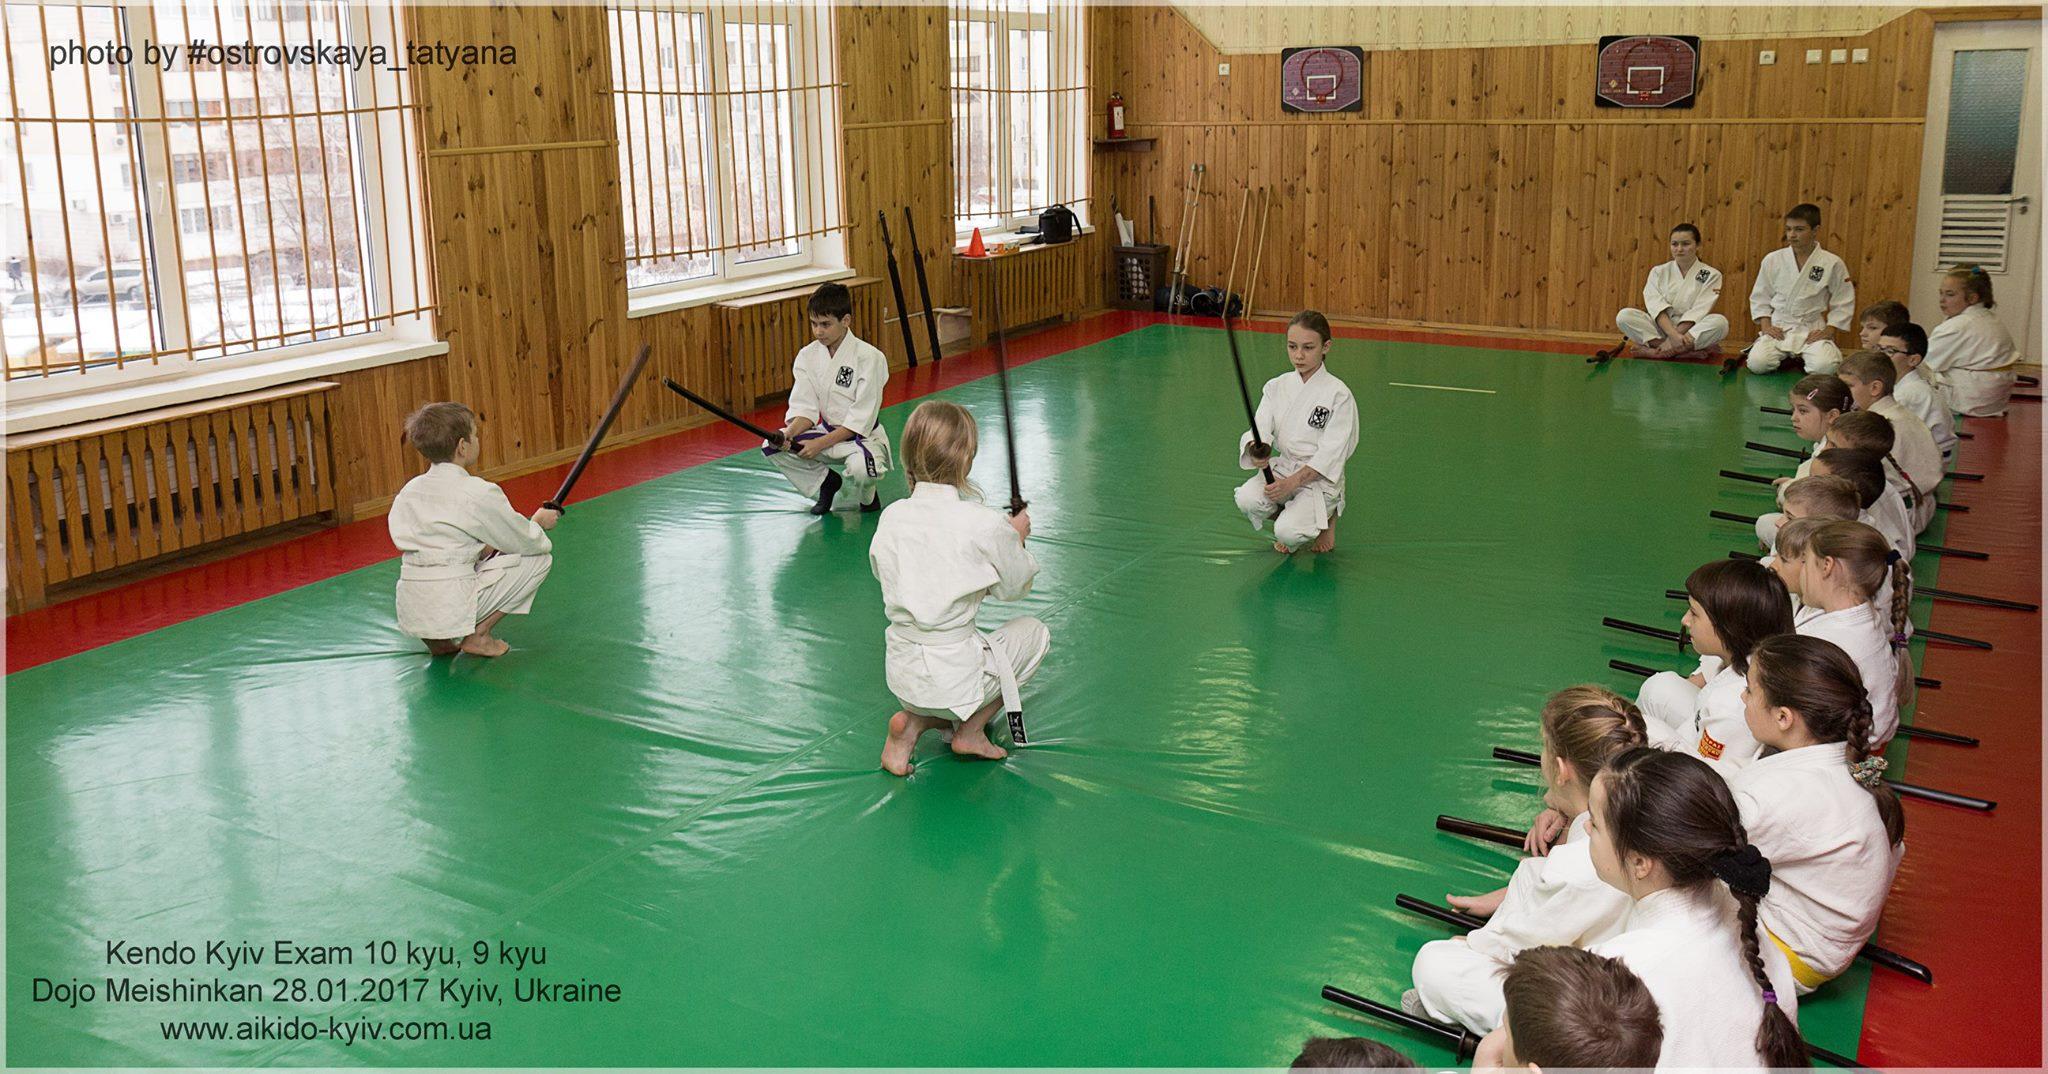 06kyiv-kendo-exam